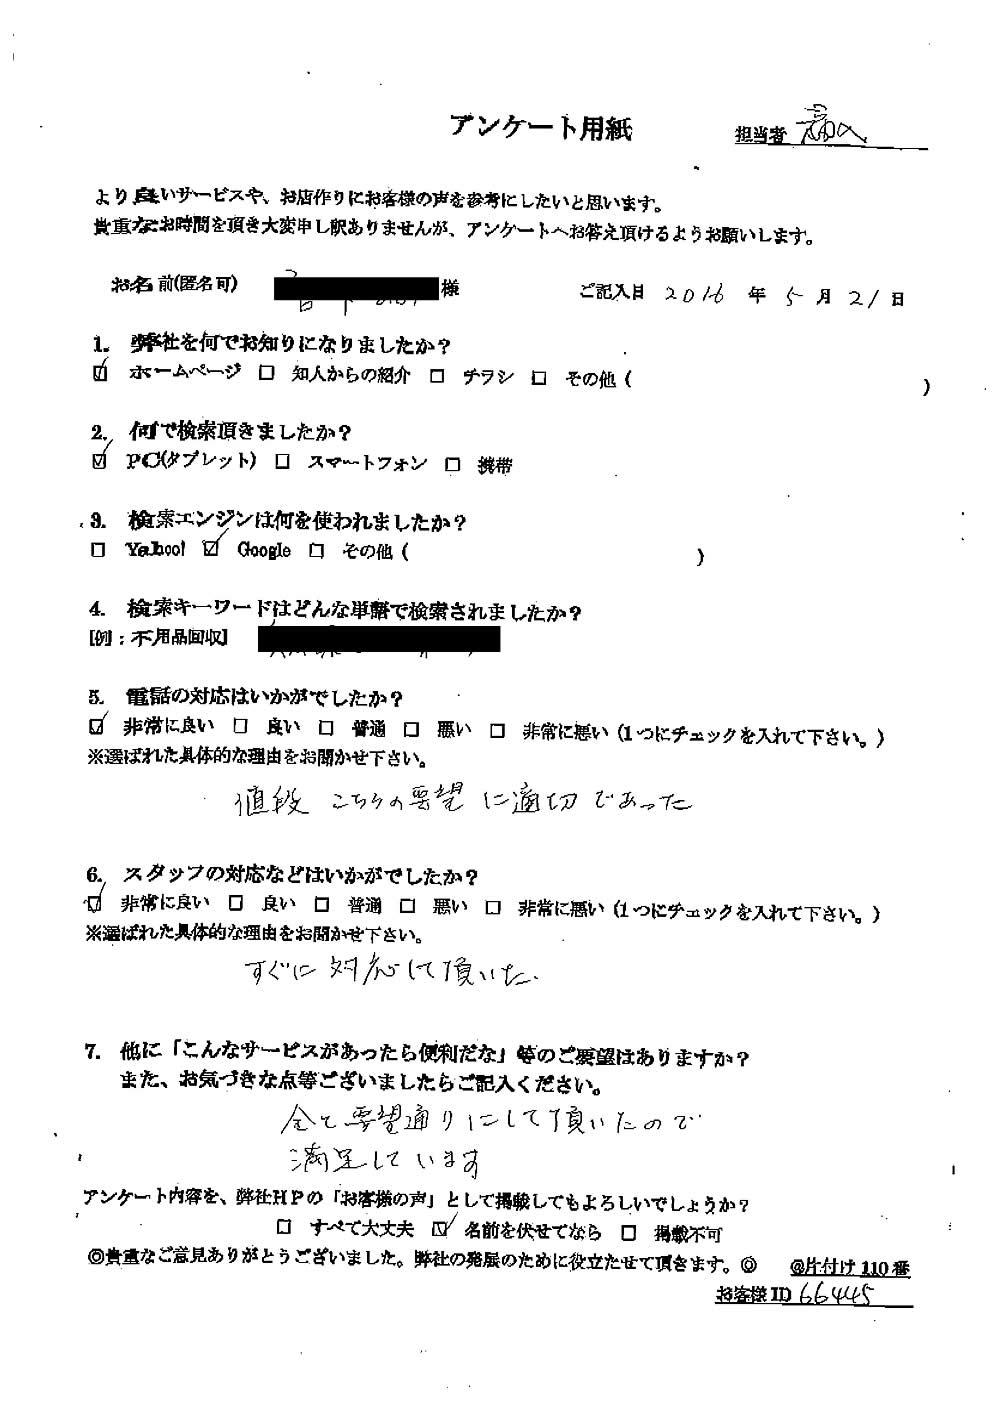 日 宝塚 の 市 カレンダー ゴミ